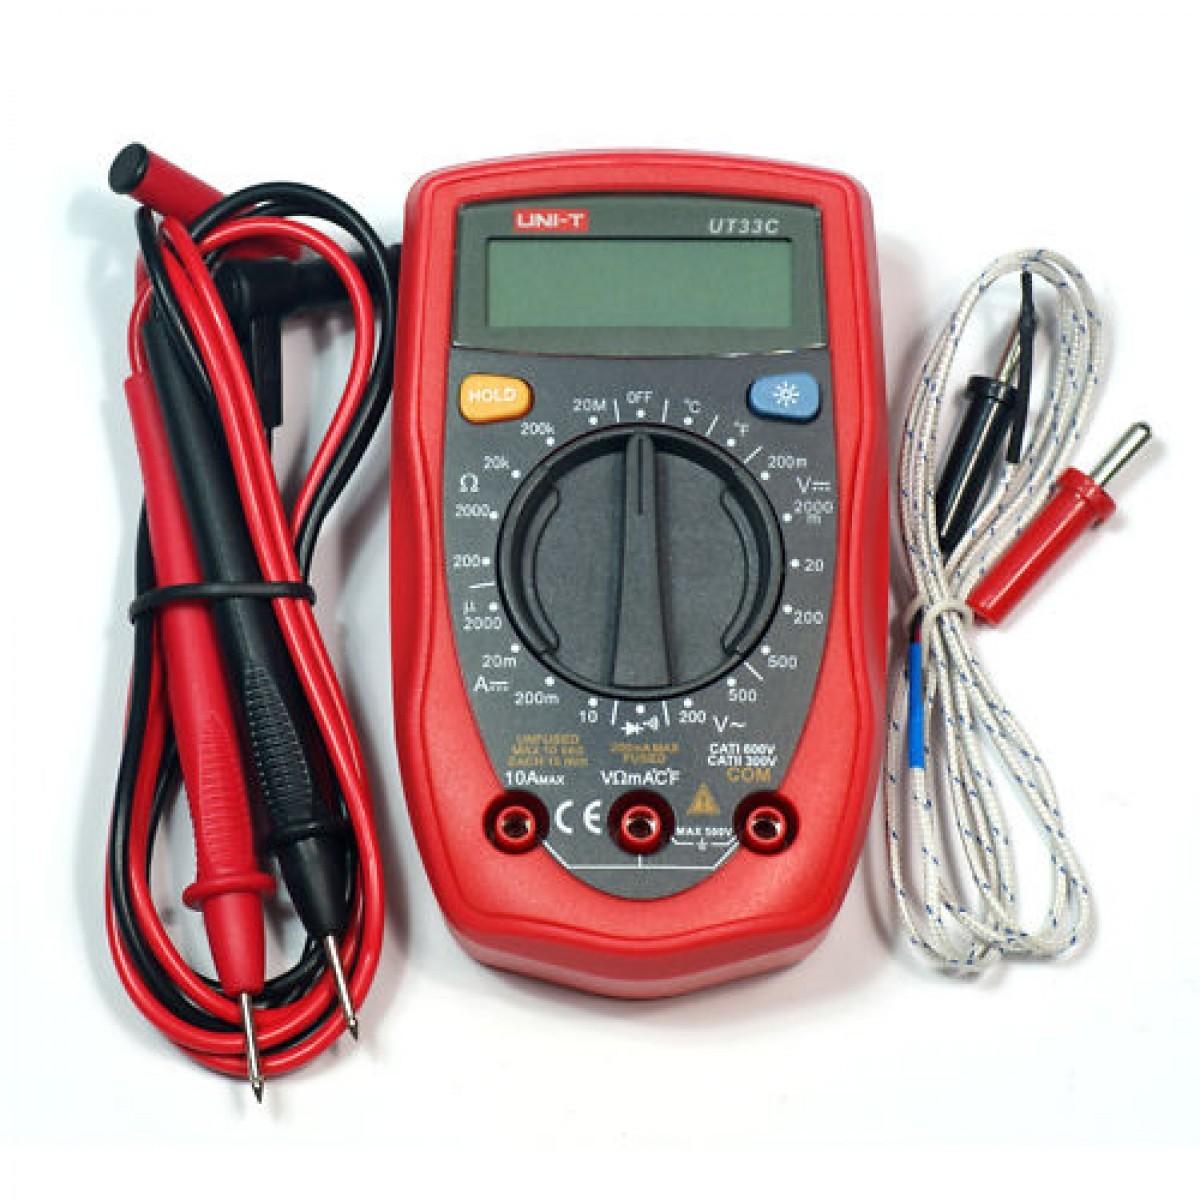 Digital measuring instrument UNI-T UT-33C, multimeter